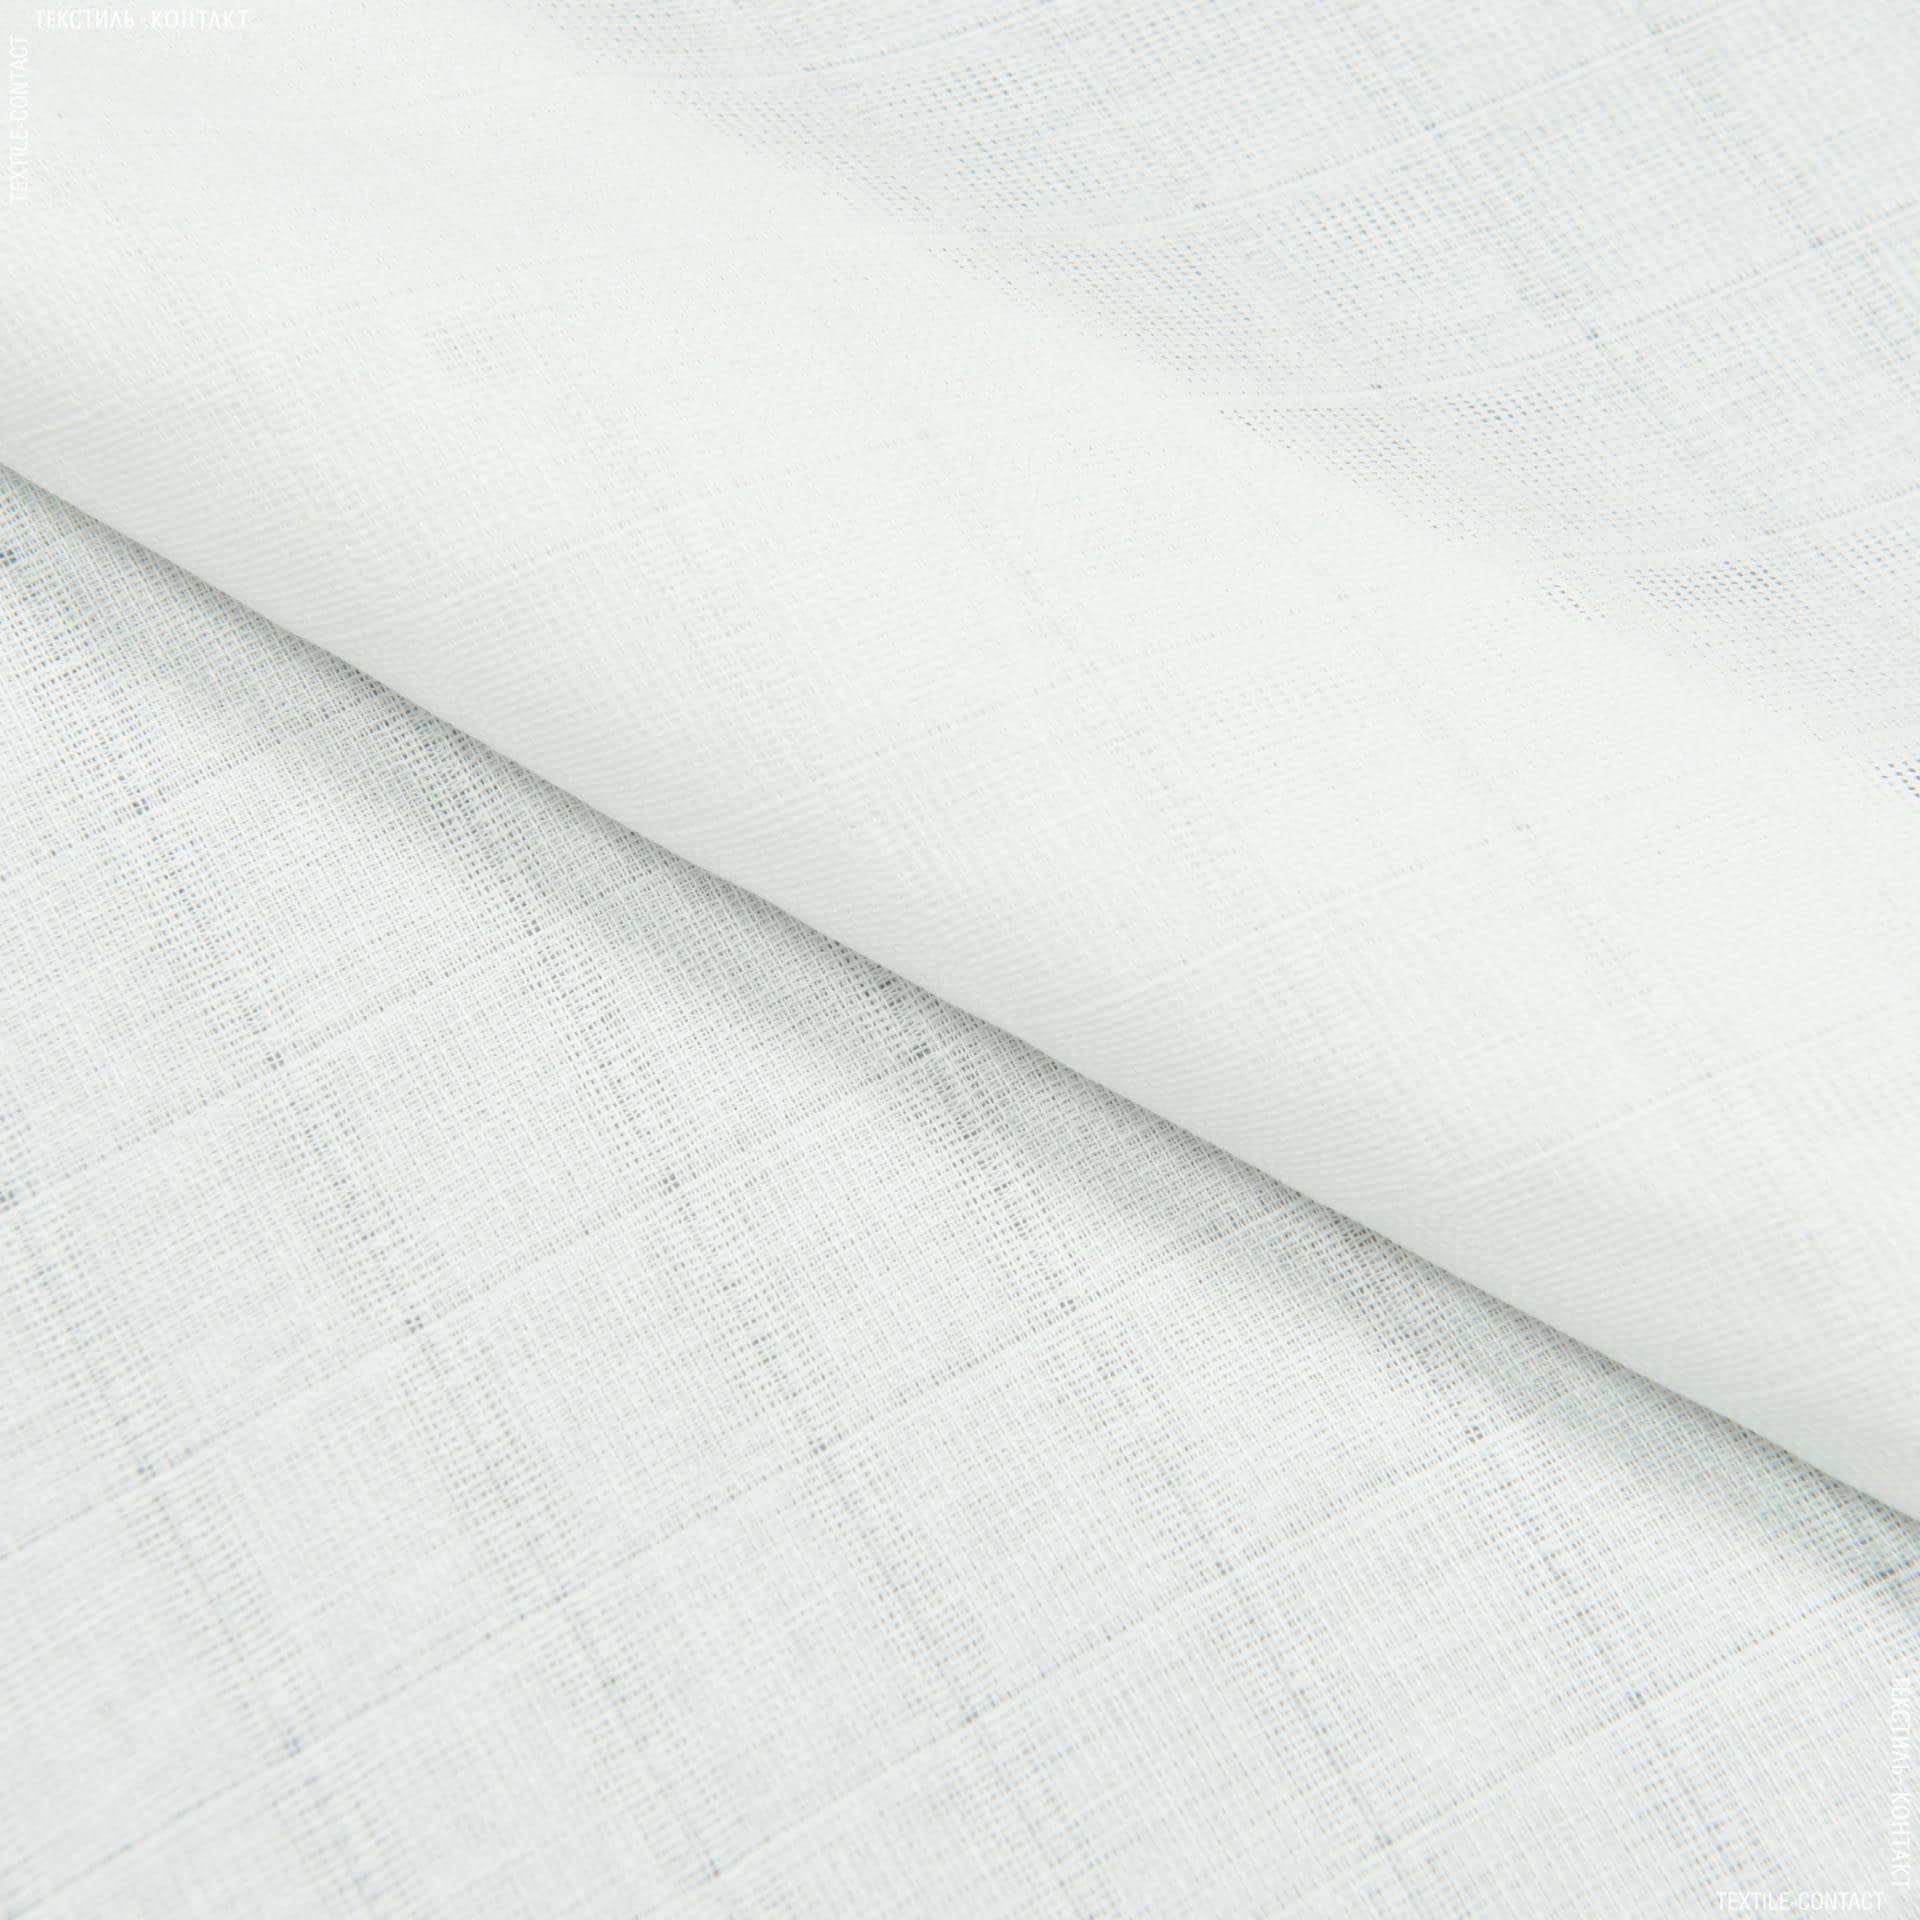 Ткани для детской одежды - Муслин отбеленный ТКЧ